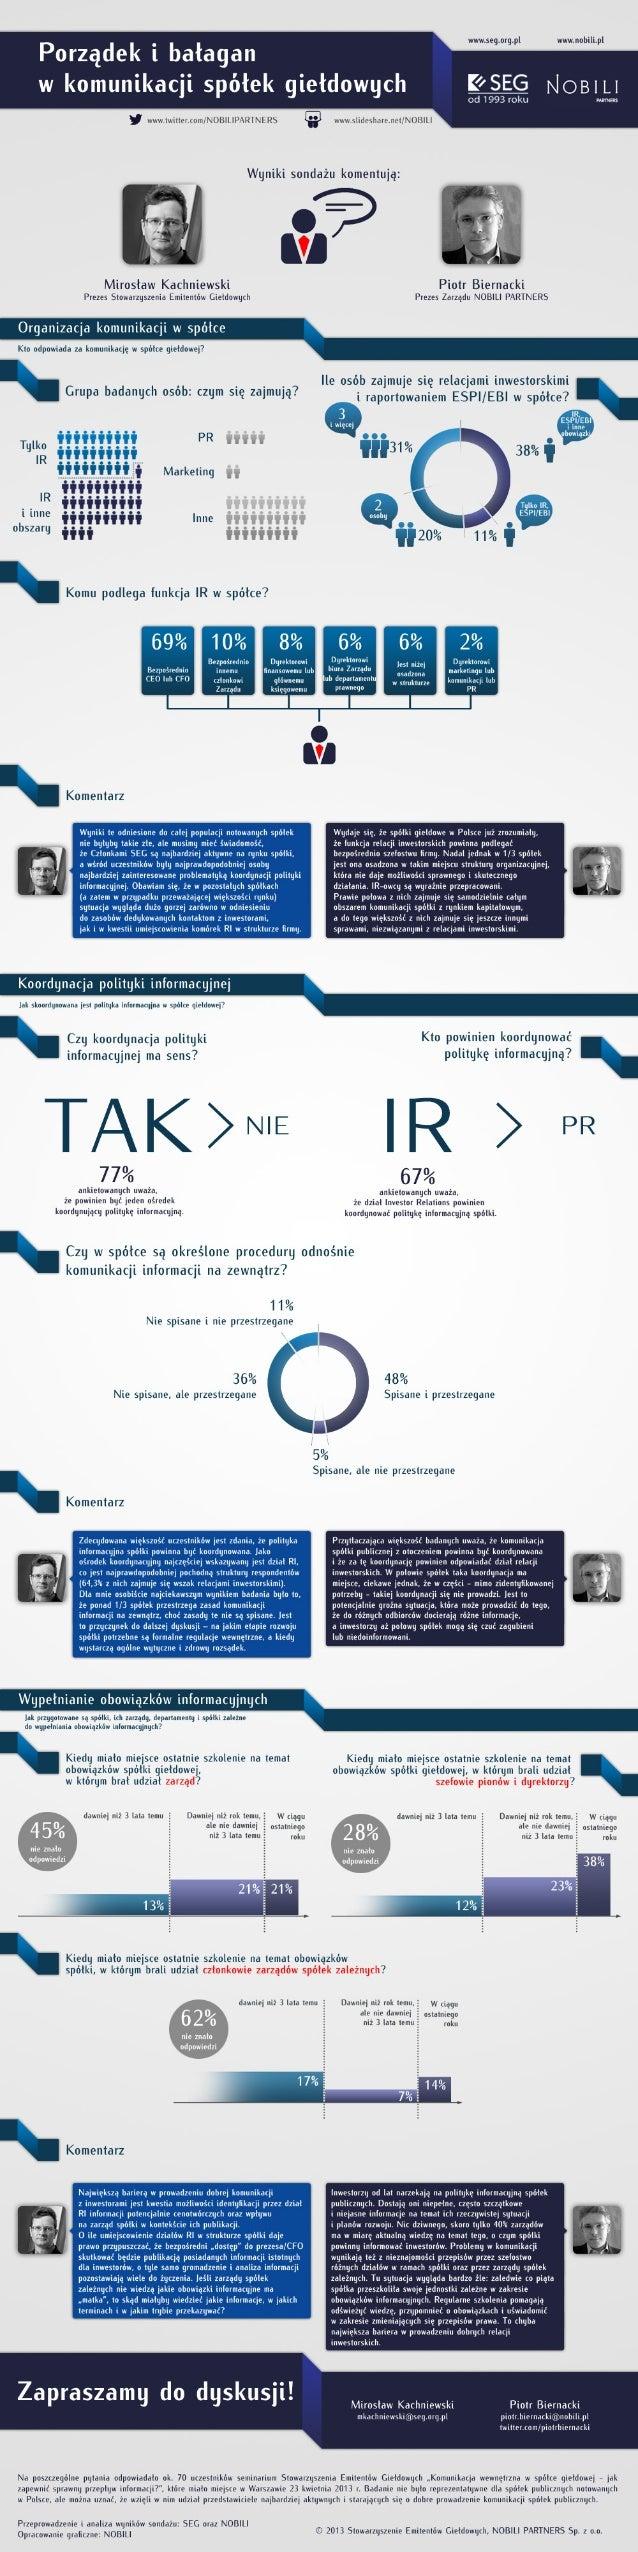 Porządek i bałagan w spółkach giełdowych - infografika NOBILI i SEG